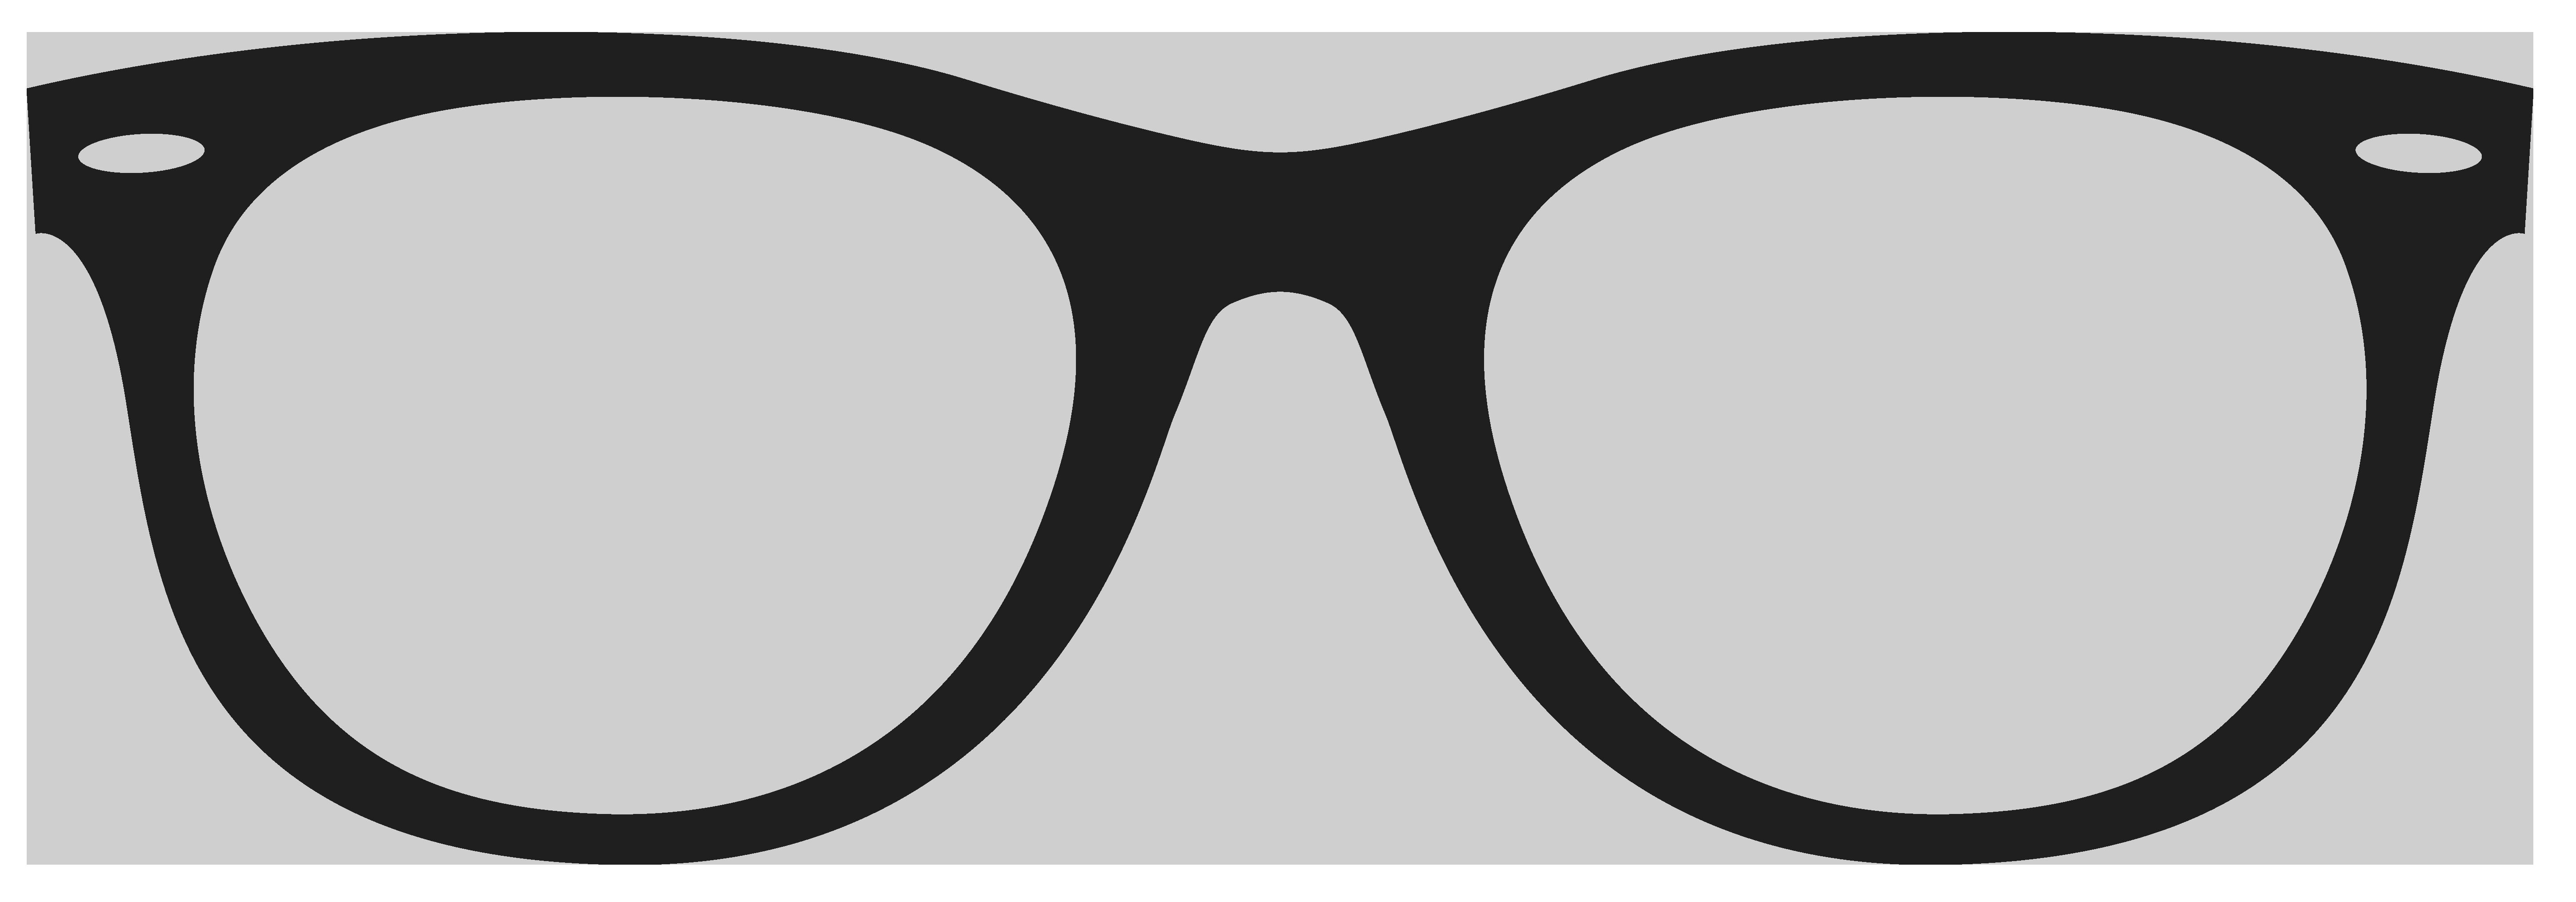 PNG Nerd Glasses - 74974